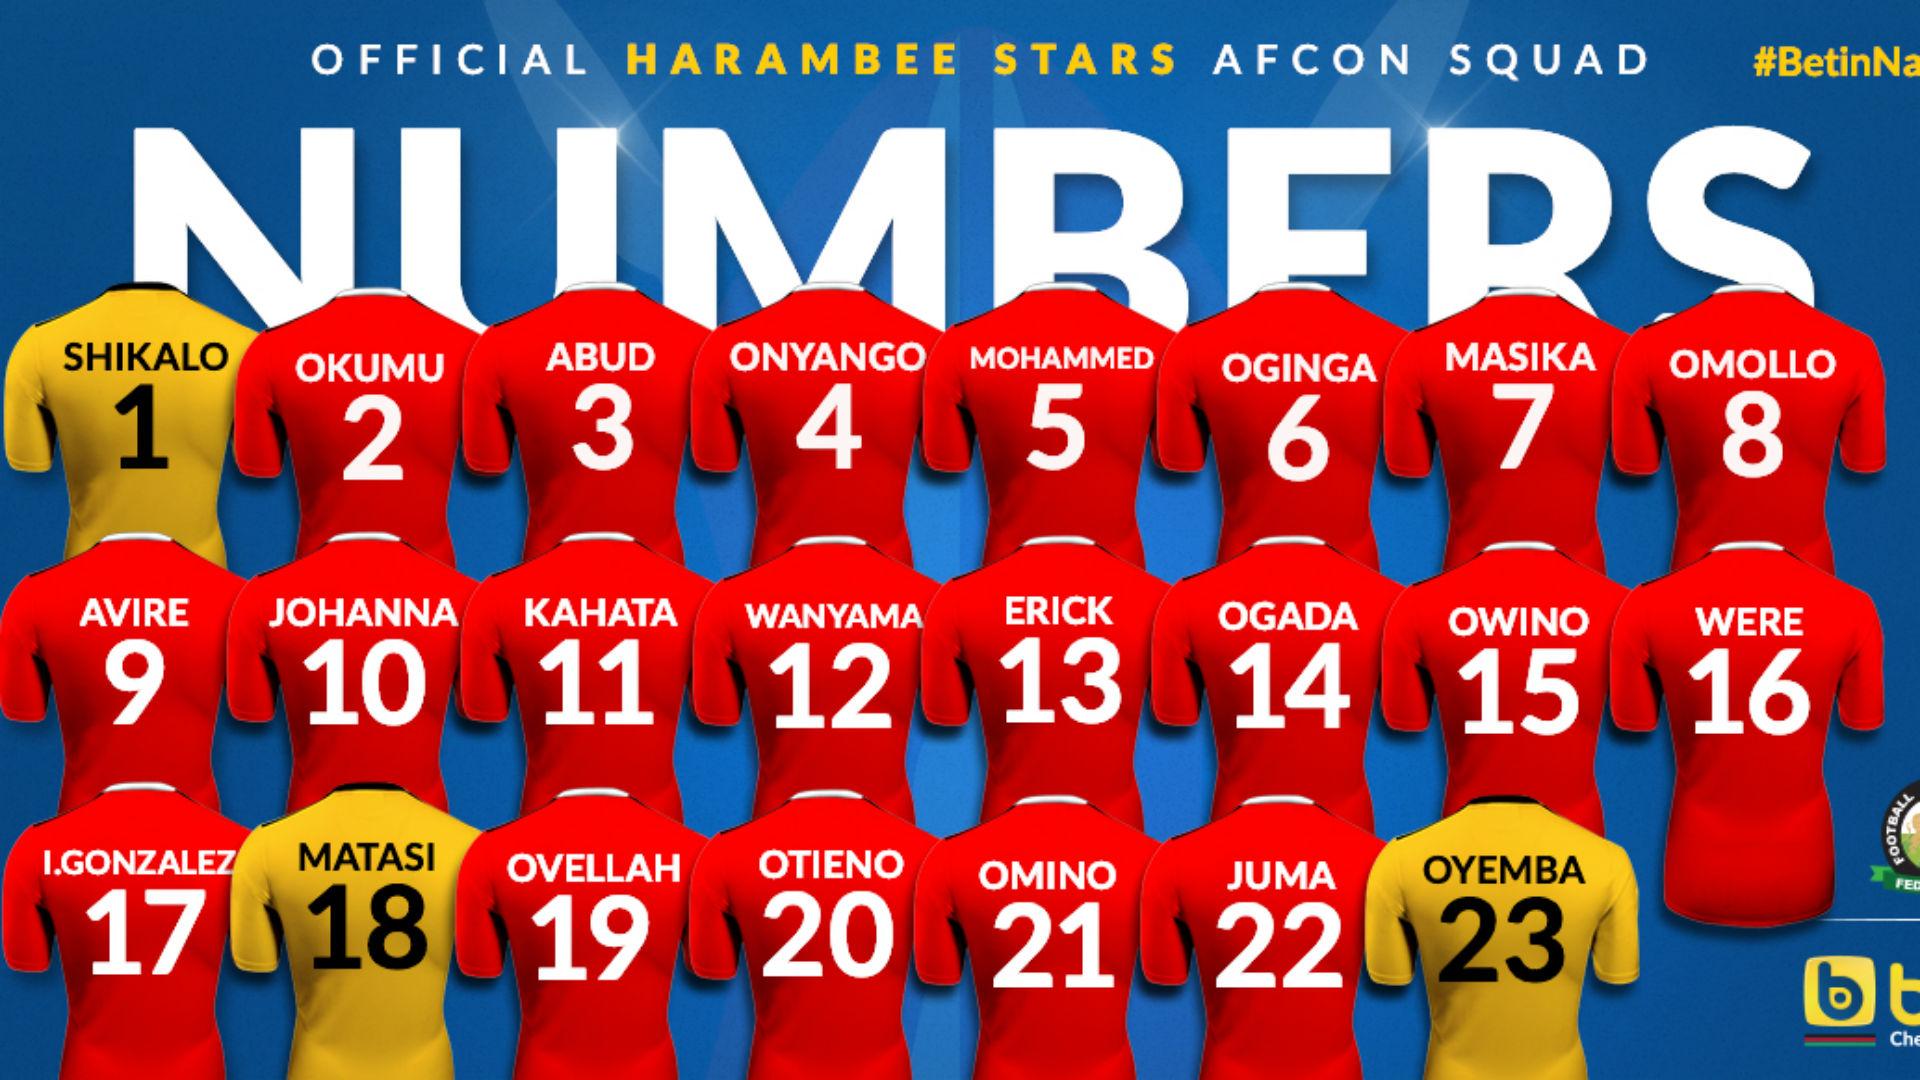 Afcon 2019: Harambee Stars kits against Algeria revealed